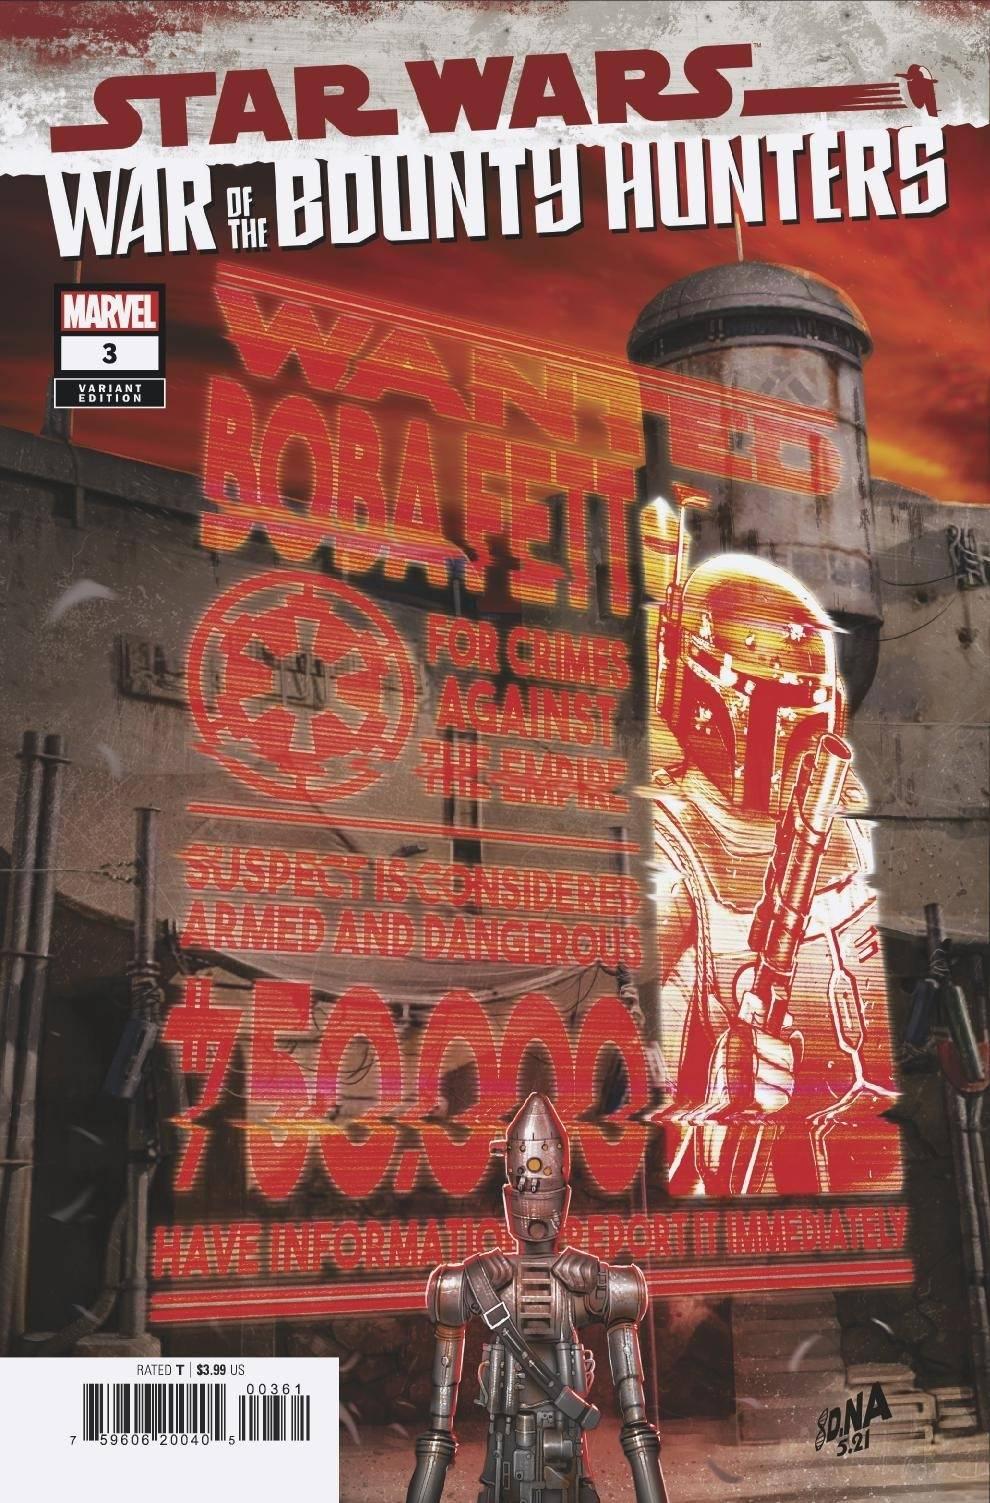 War of the Bounty Hunters #3 (David Nakayama Wanted Poster Variant Cover) (11.08.2021)